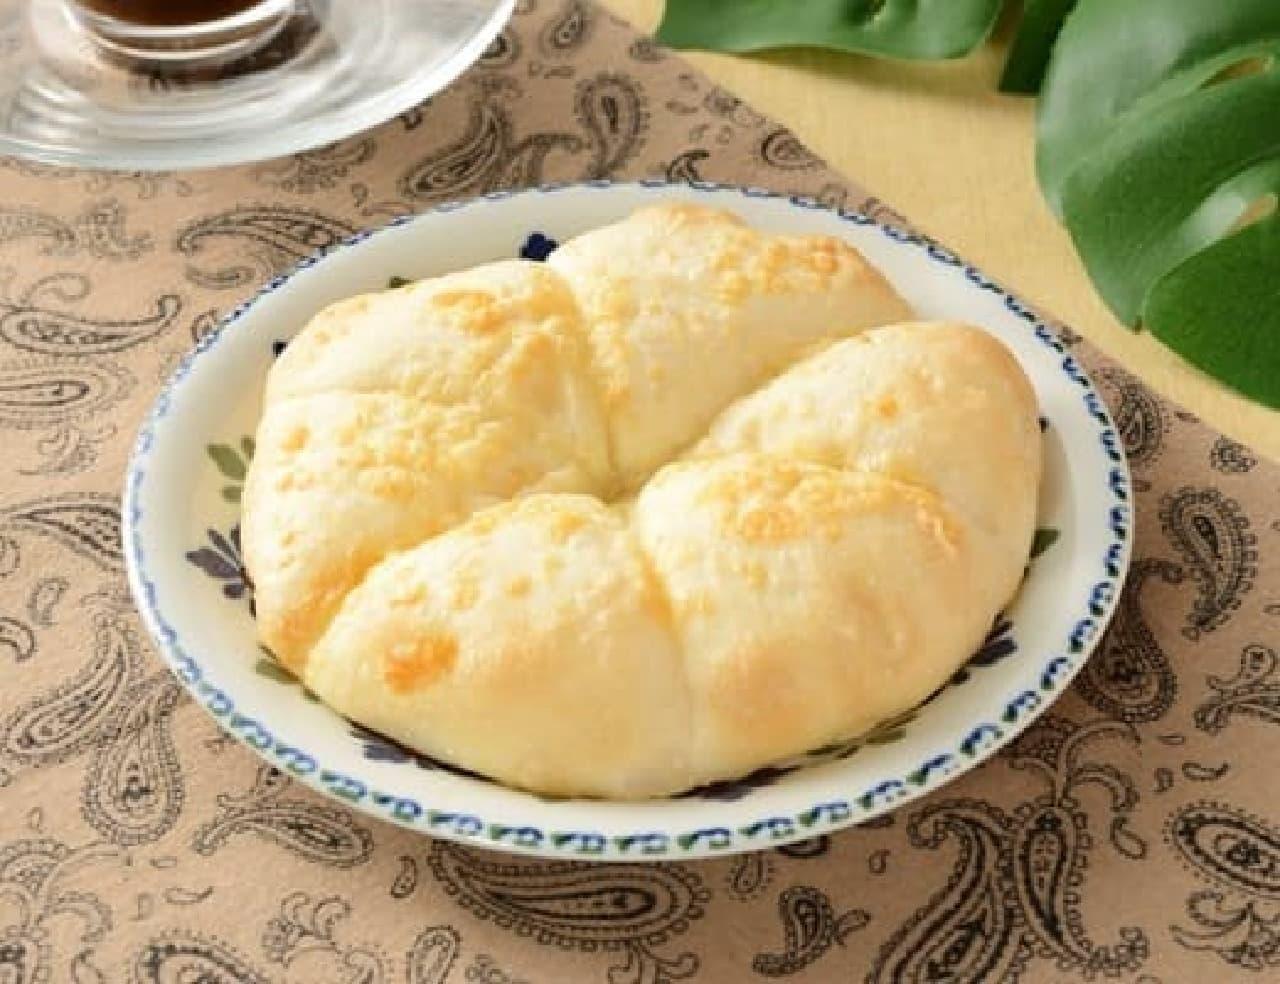 ローソン「マチノパン チーズクルチャ」